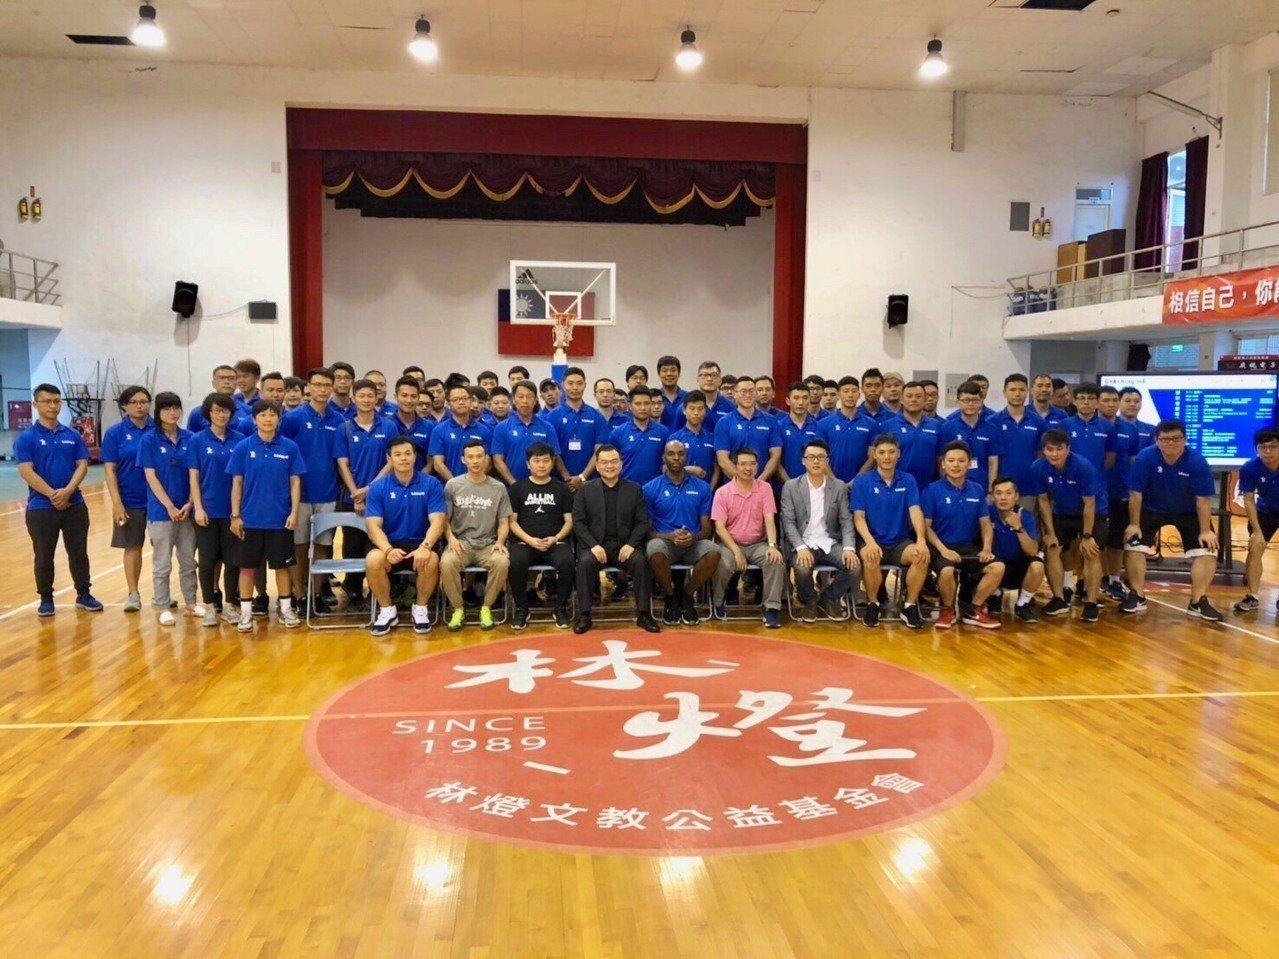 國內外百位籃球教練齊聚宜蘭交流,邀請新台灣人戴維斯到場分享經驗。圖/熊兄弟體能運...